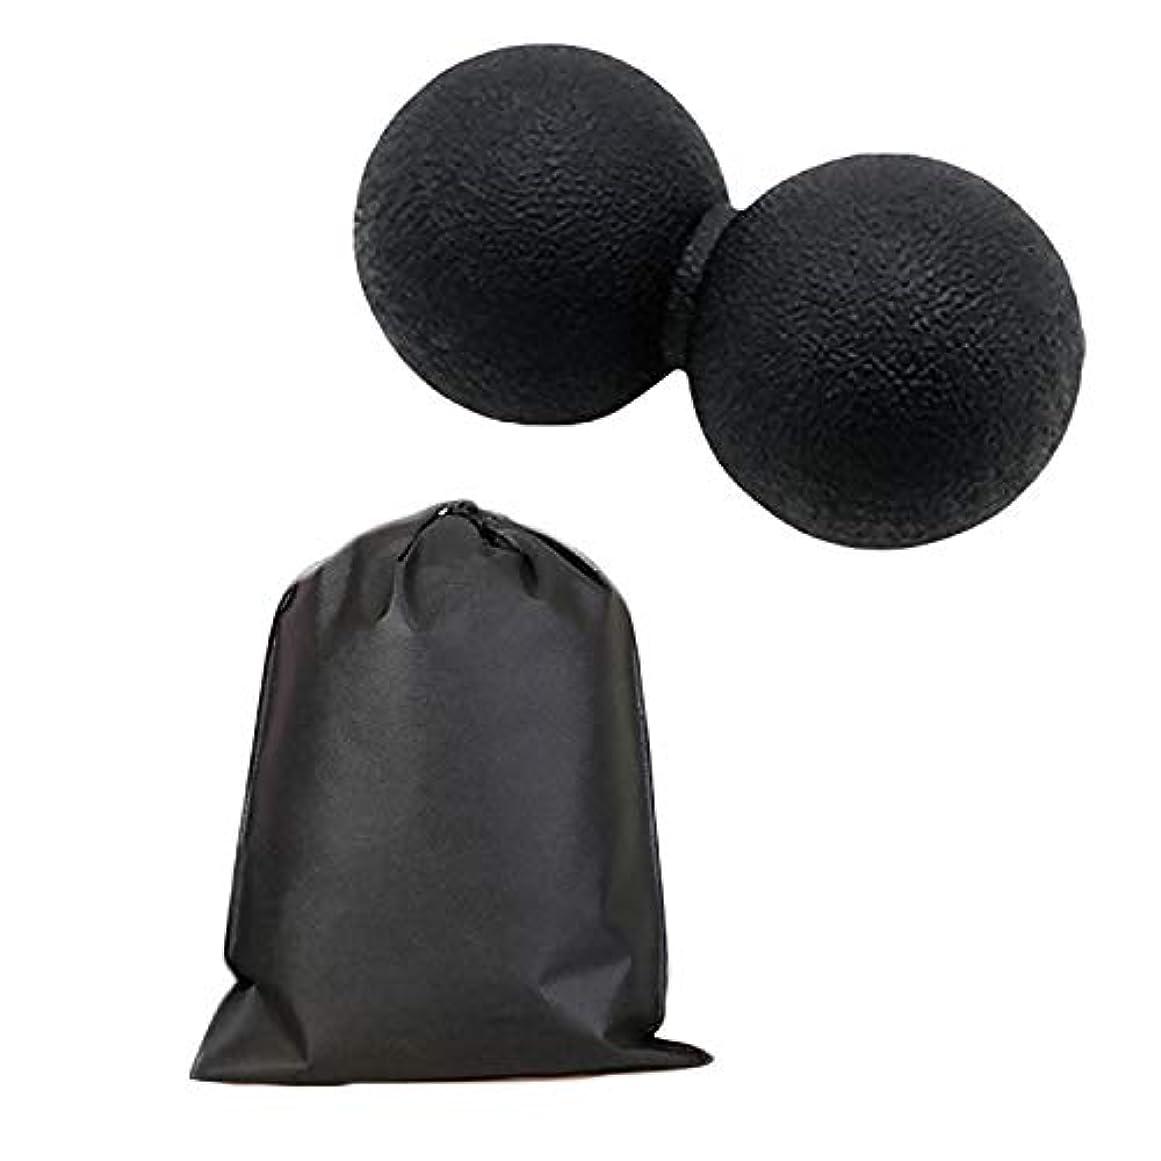 アルコール上回る内部Migavan マッサージボールローラーバックマッサージボール収納袋が付いているピーナツマッサージのローラーボールのマッサージャー